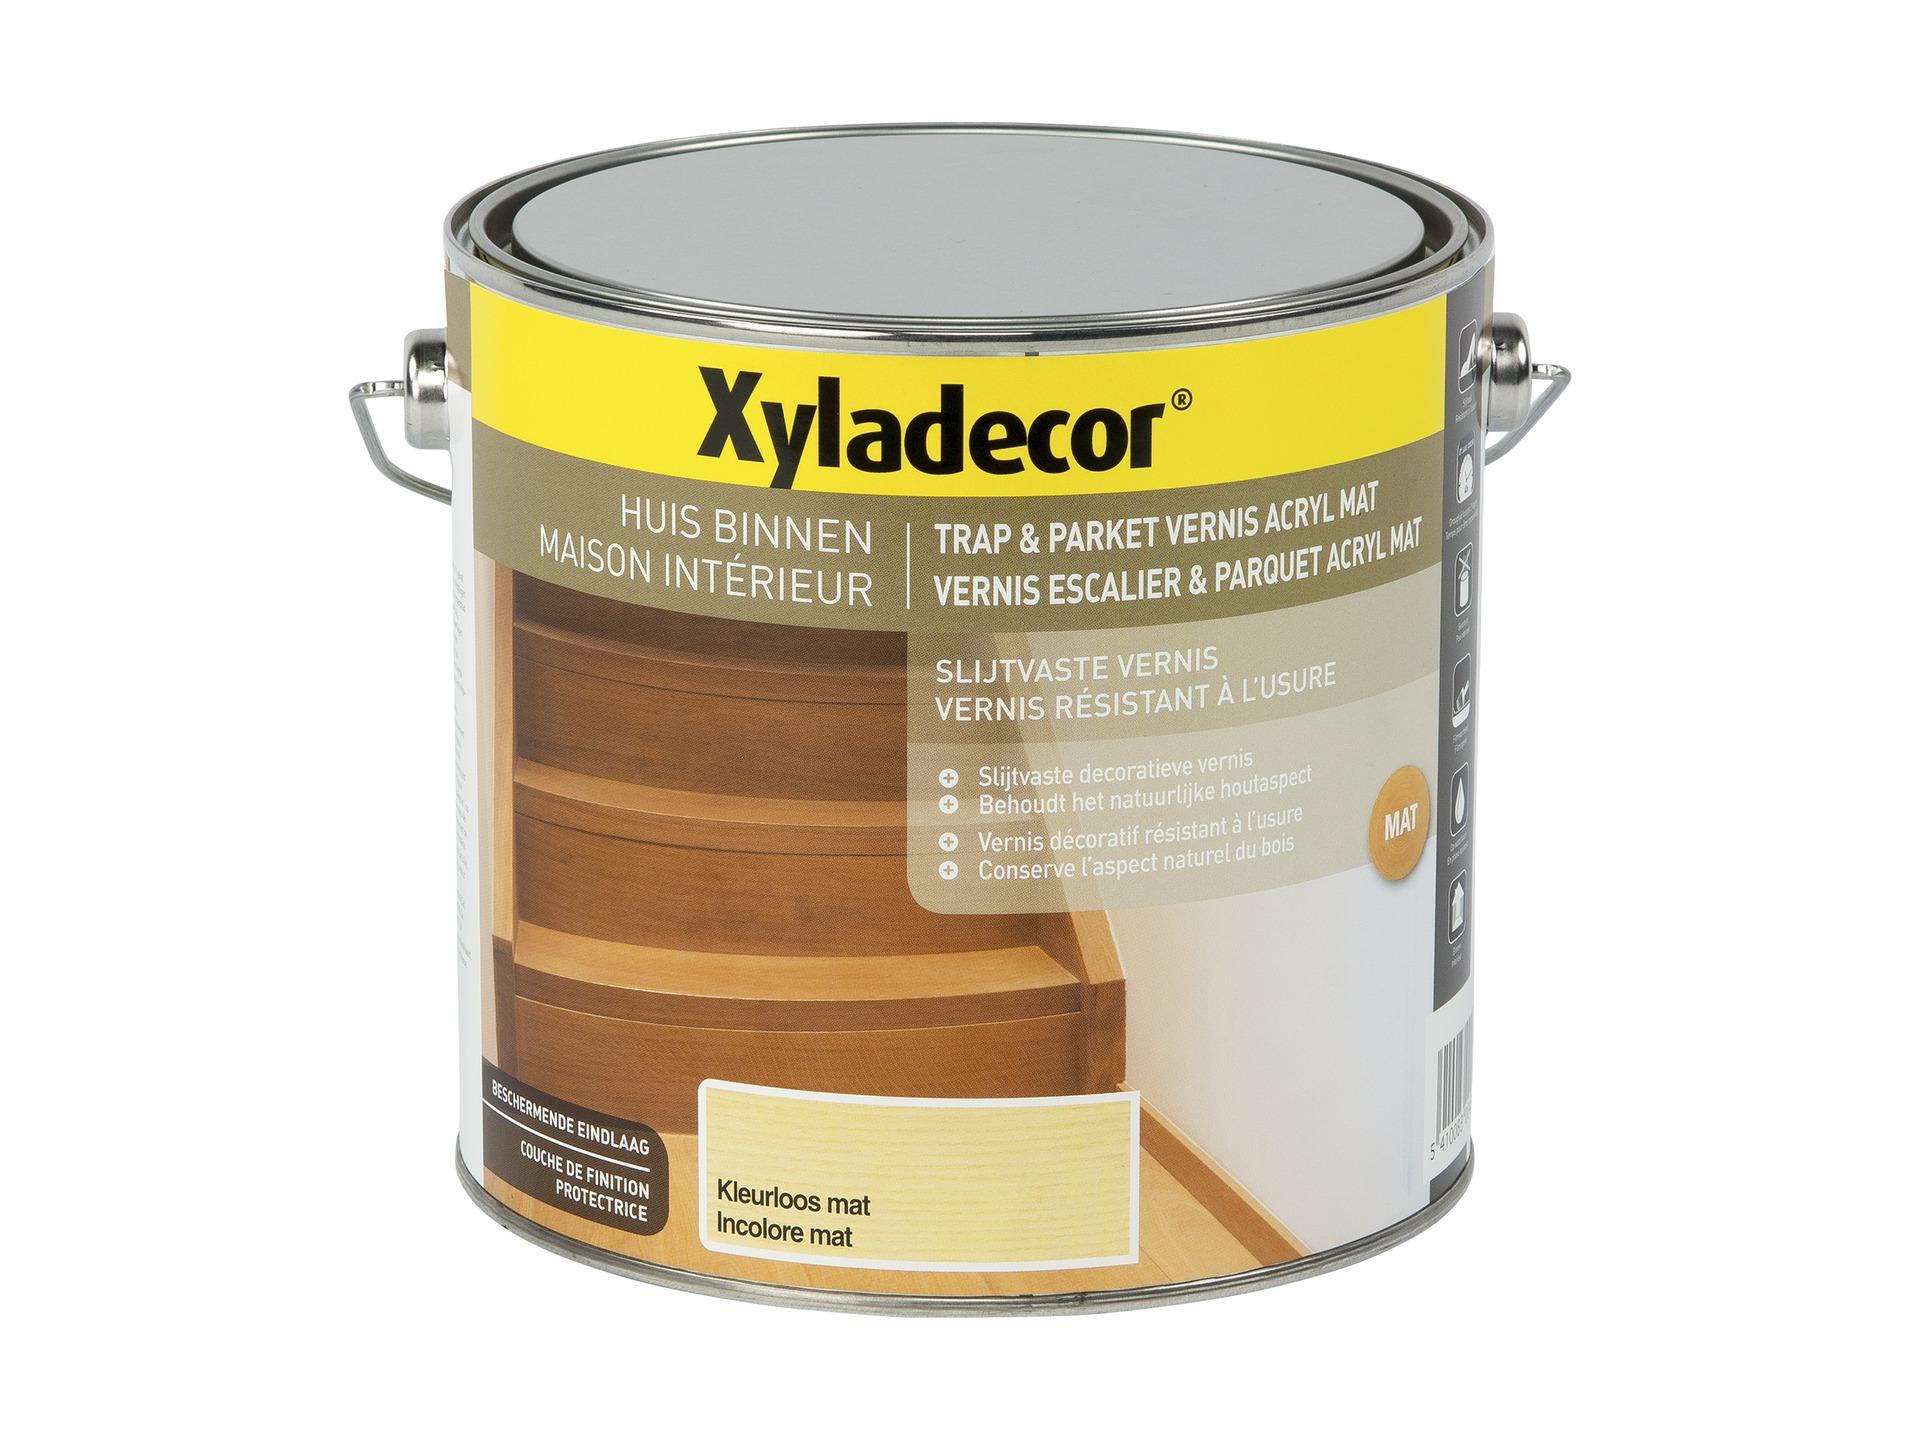 Vitrificateur Escalier Apres Peinture xyladecor vitrificateur escalier & parquet mat 2,5l